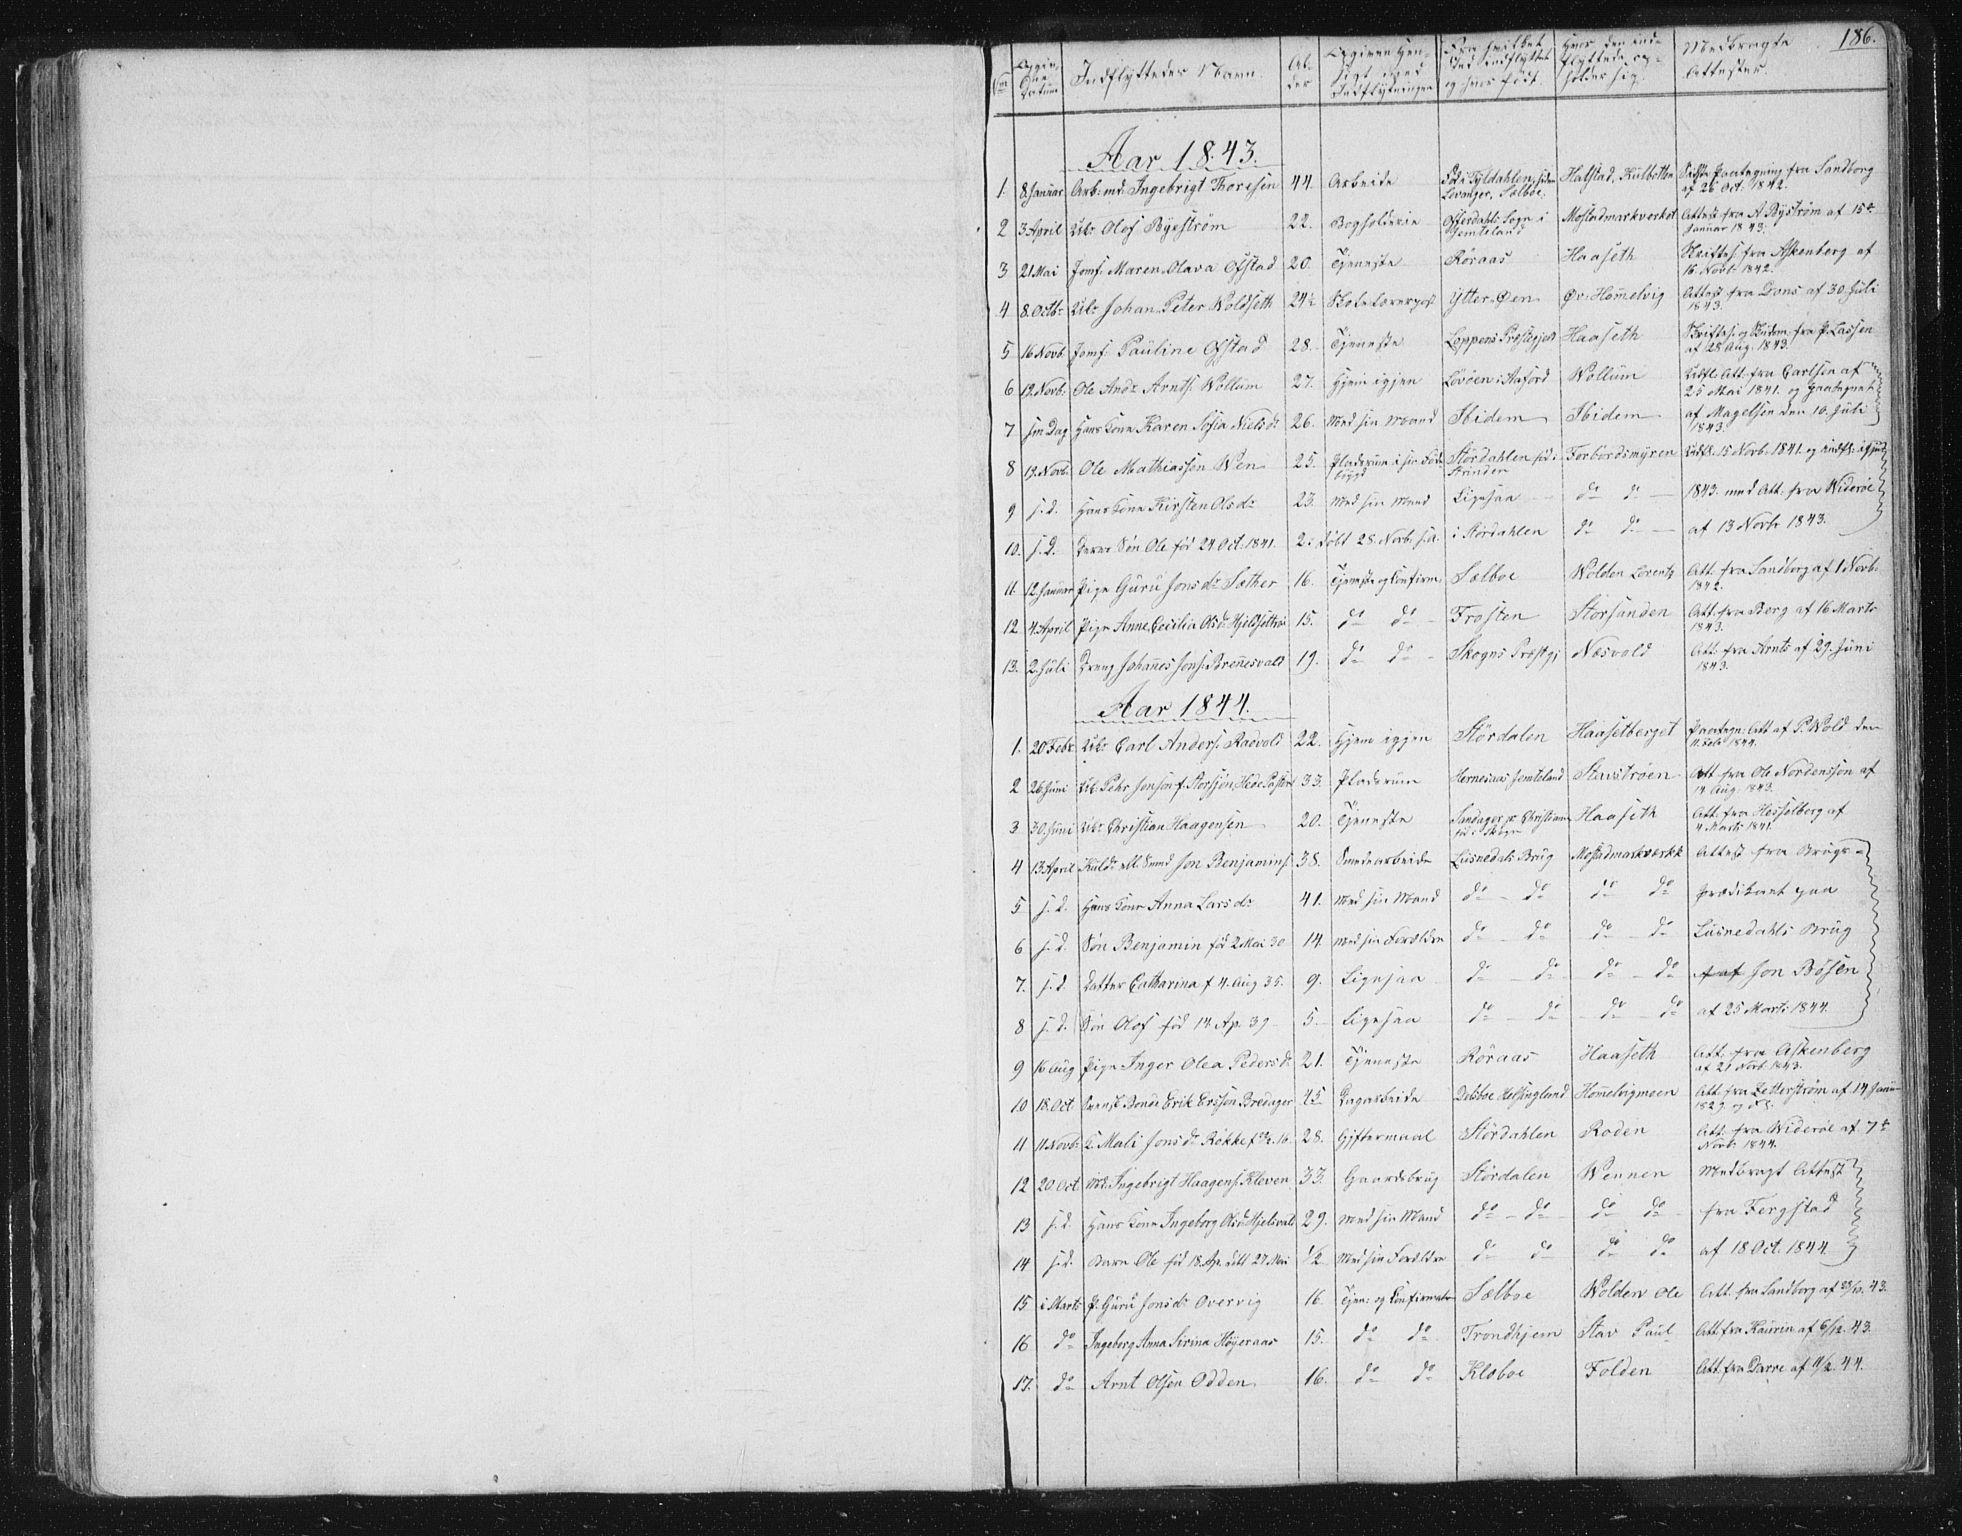 SAT, Ministerialprotokoller, klokkerbøker og fødselsregistre - Sør-Trøndelag, 616/L0406: Ministerialbok nr. 616A03, 1843-1879, s. 186